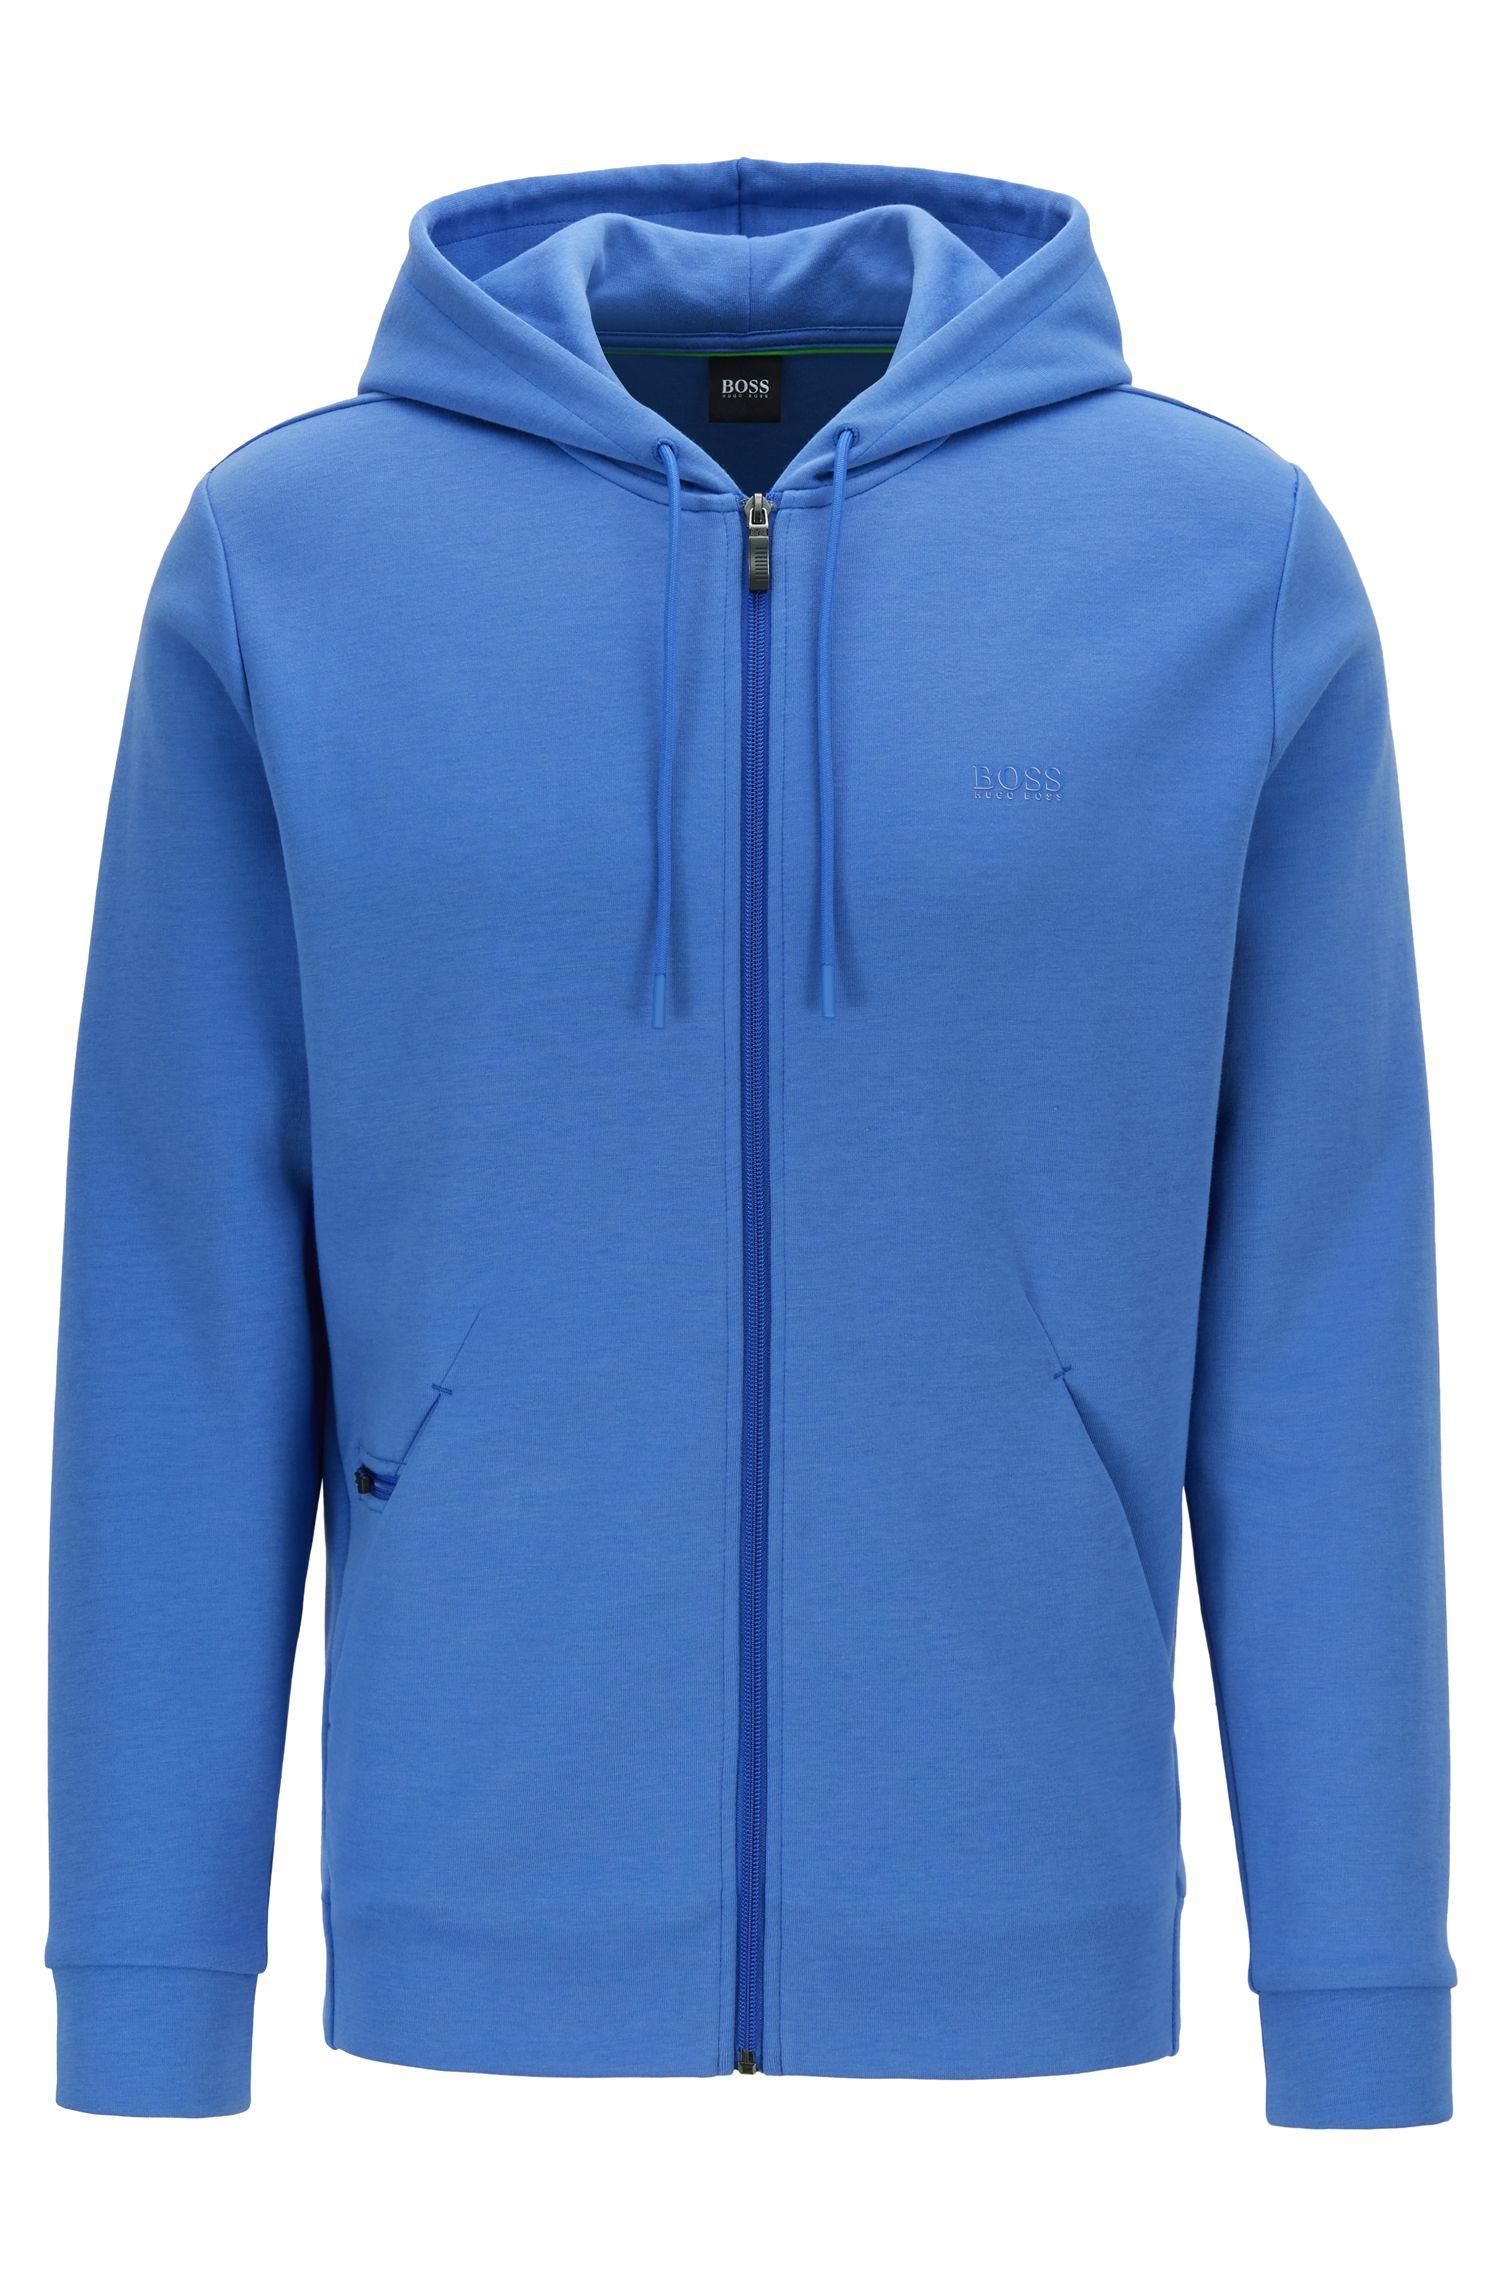 Sweater met capuchon, rits en verdekte telefoonzak, Blauw